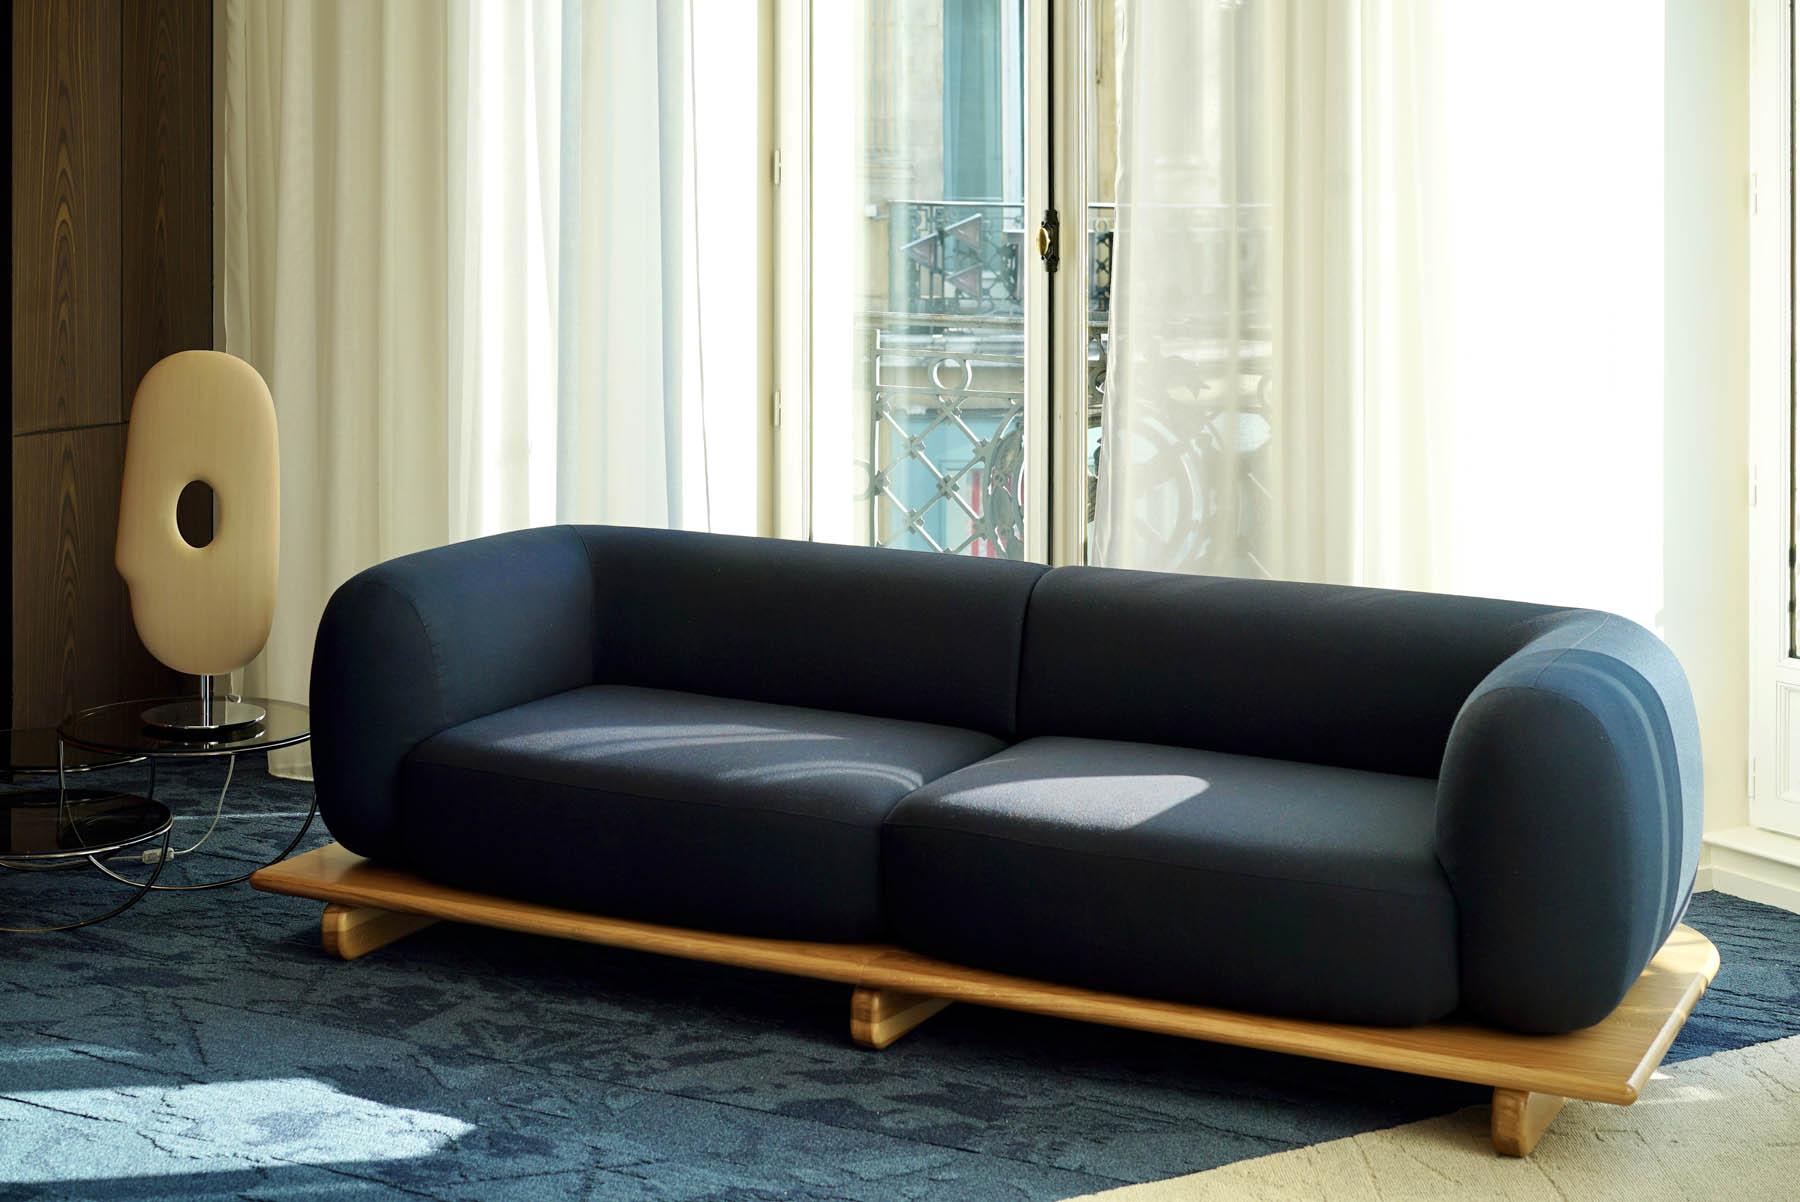 """Canapé / Sofa """"Onigiri"""" en laine posé sur plateau en bois par Louis Denavaut (Cider). Fauteuil """"Calice"""" par Patrick Norguet (La Manufacture)"""